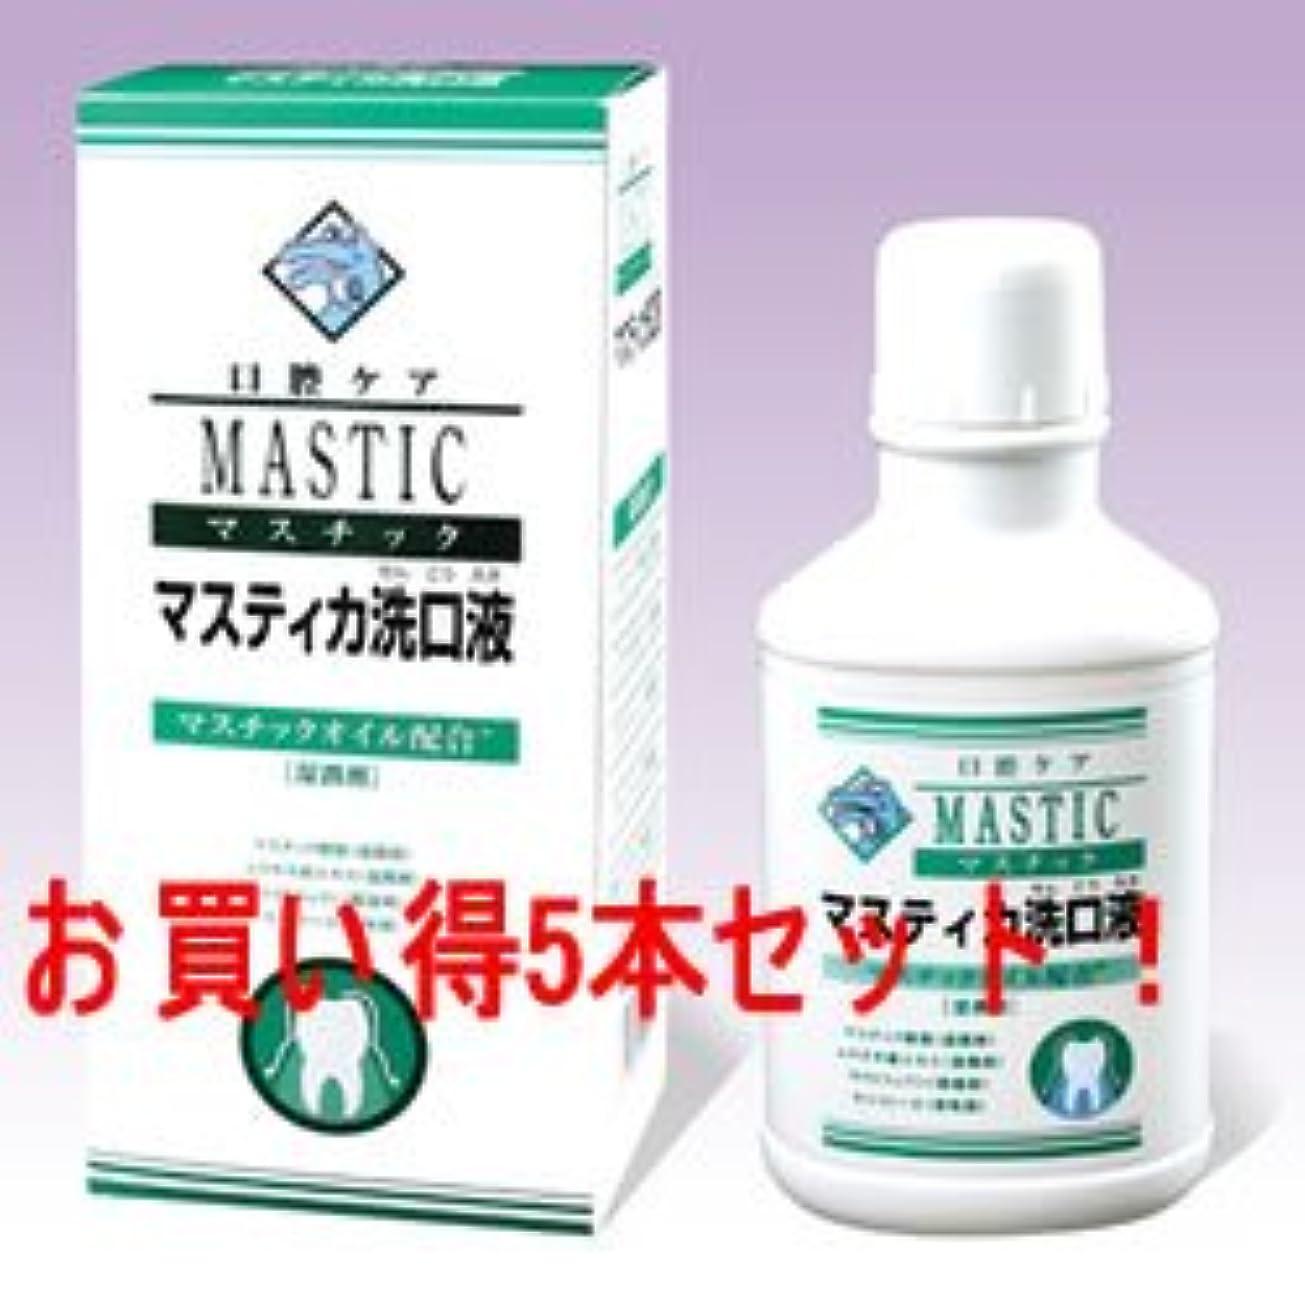 遅い長老賛美歌マスチック マスティカ洗口液480ml(5本セット)